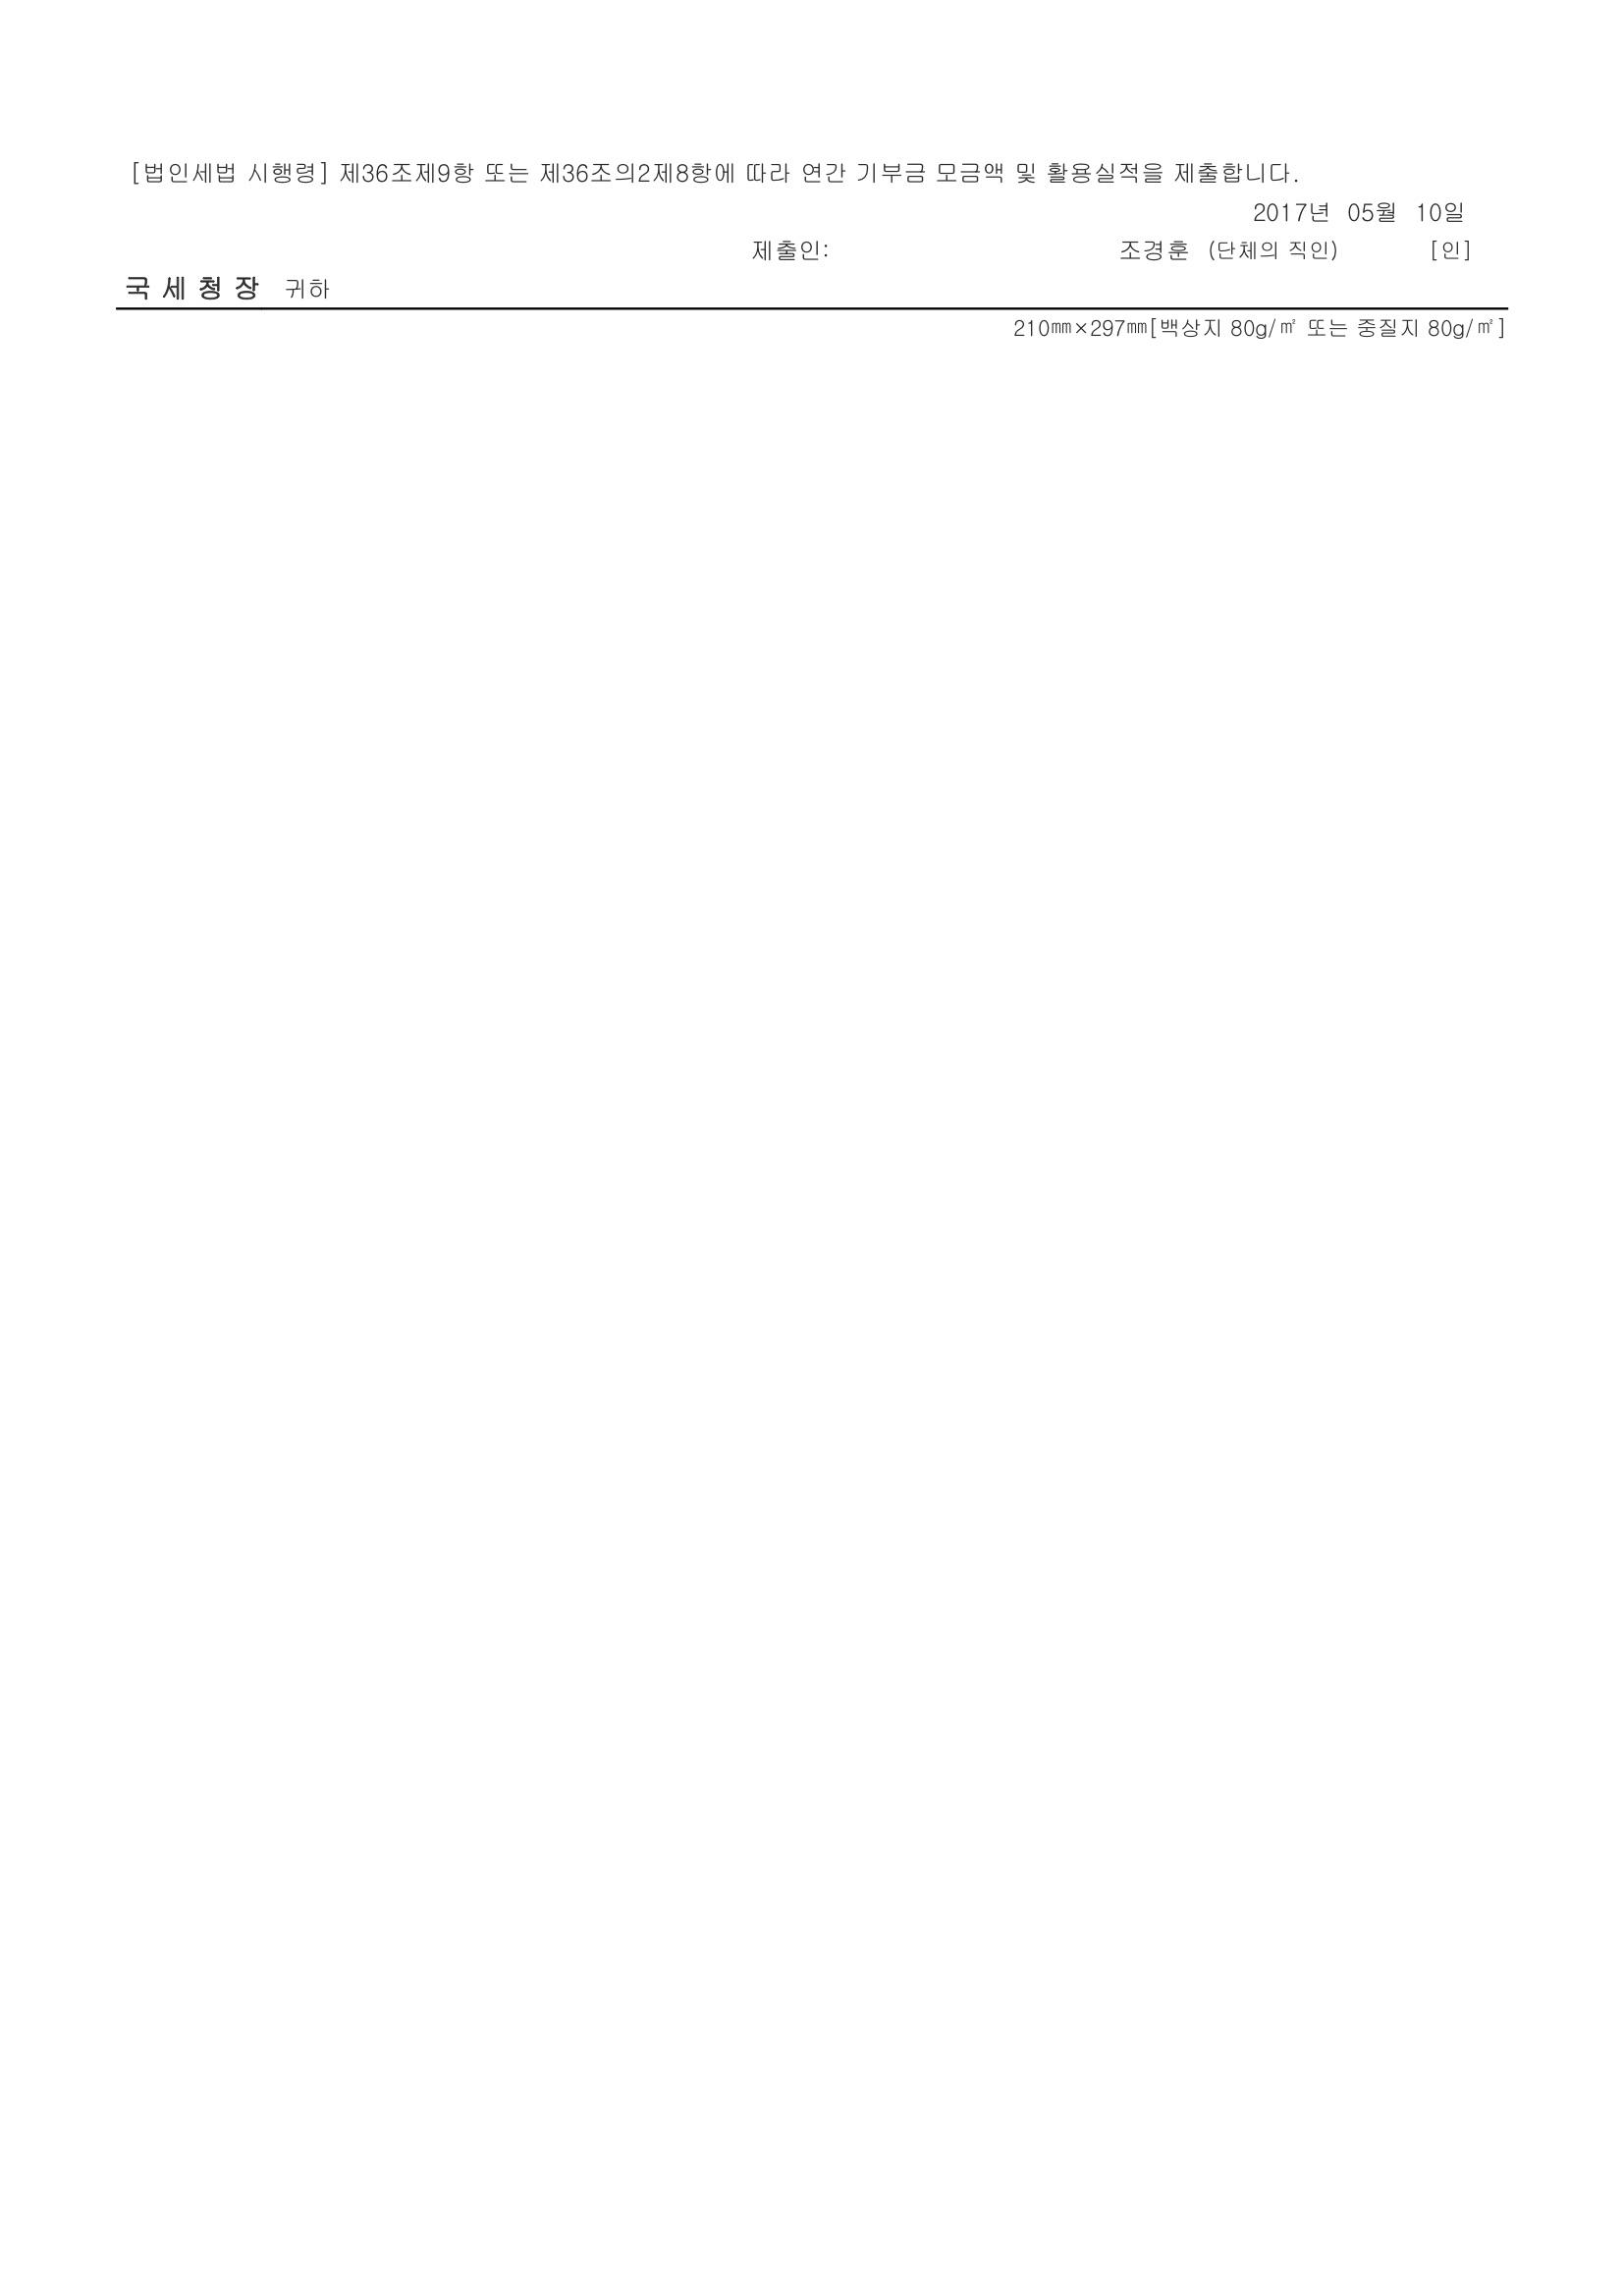 연간 기부금 모금액 및 활용실적 명세서_2016년 결산 2.jpg